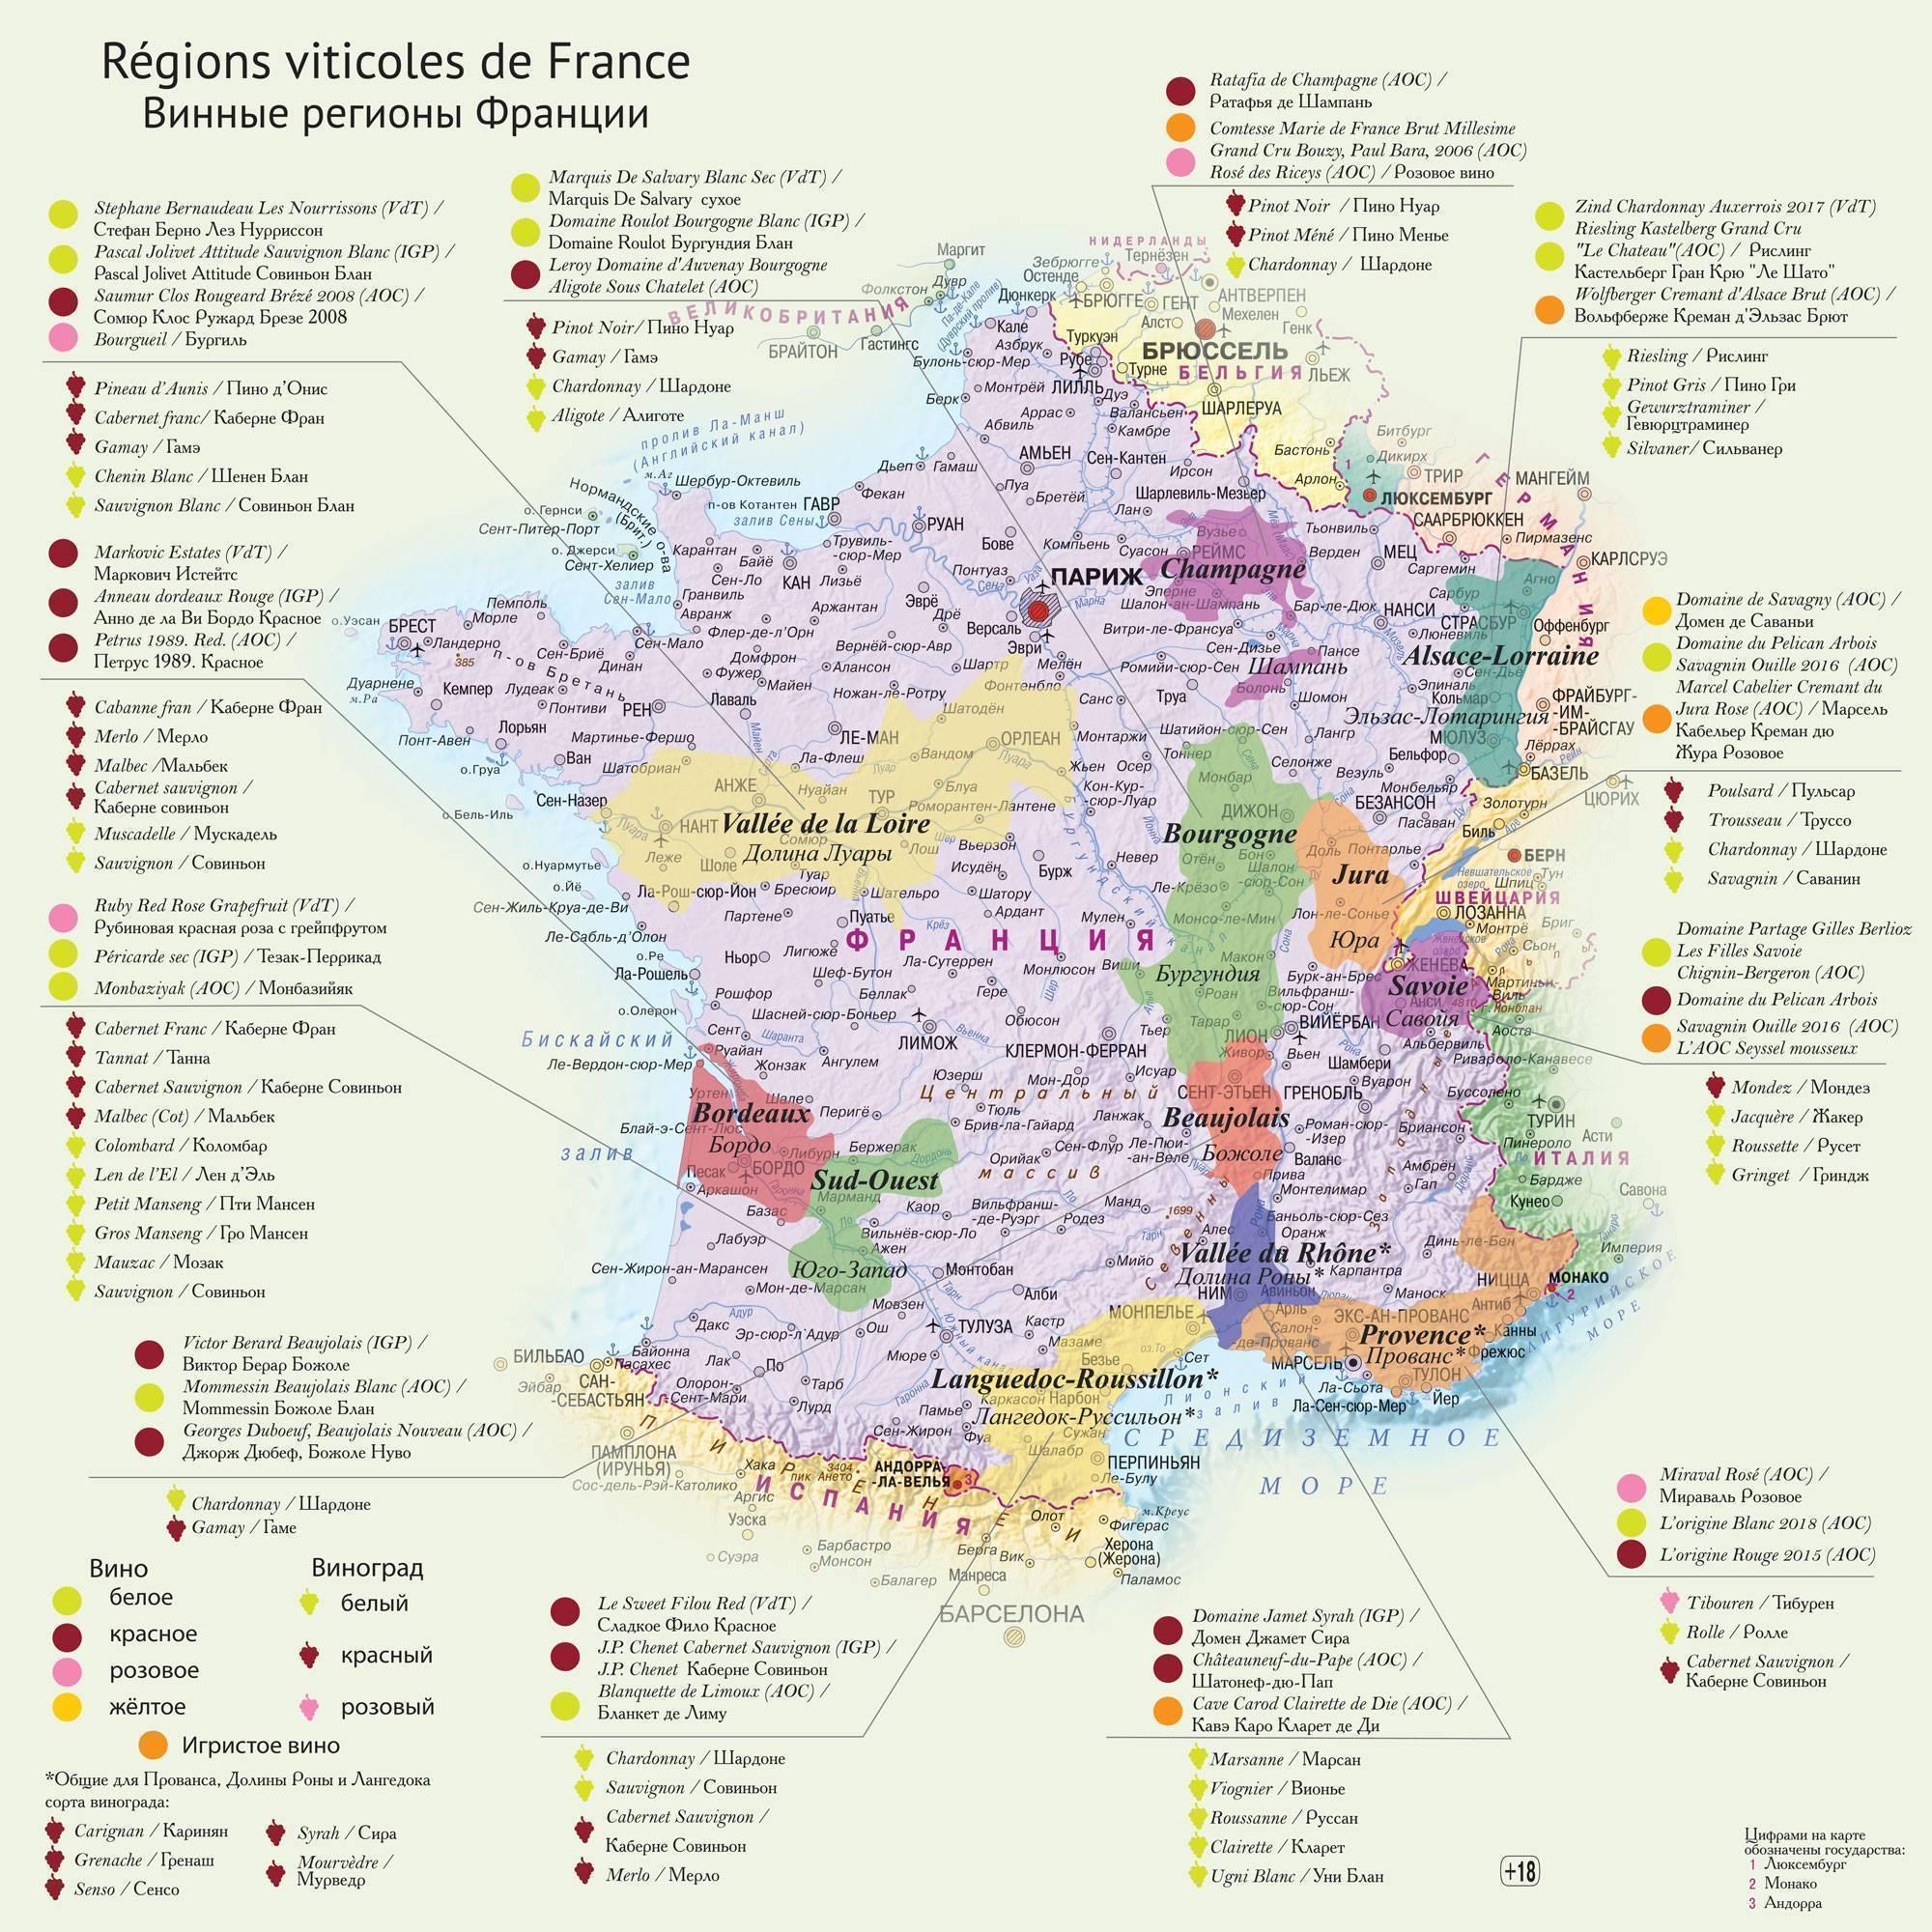 Лангедок руссильон — винодельческий регион франции